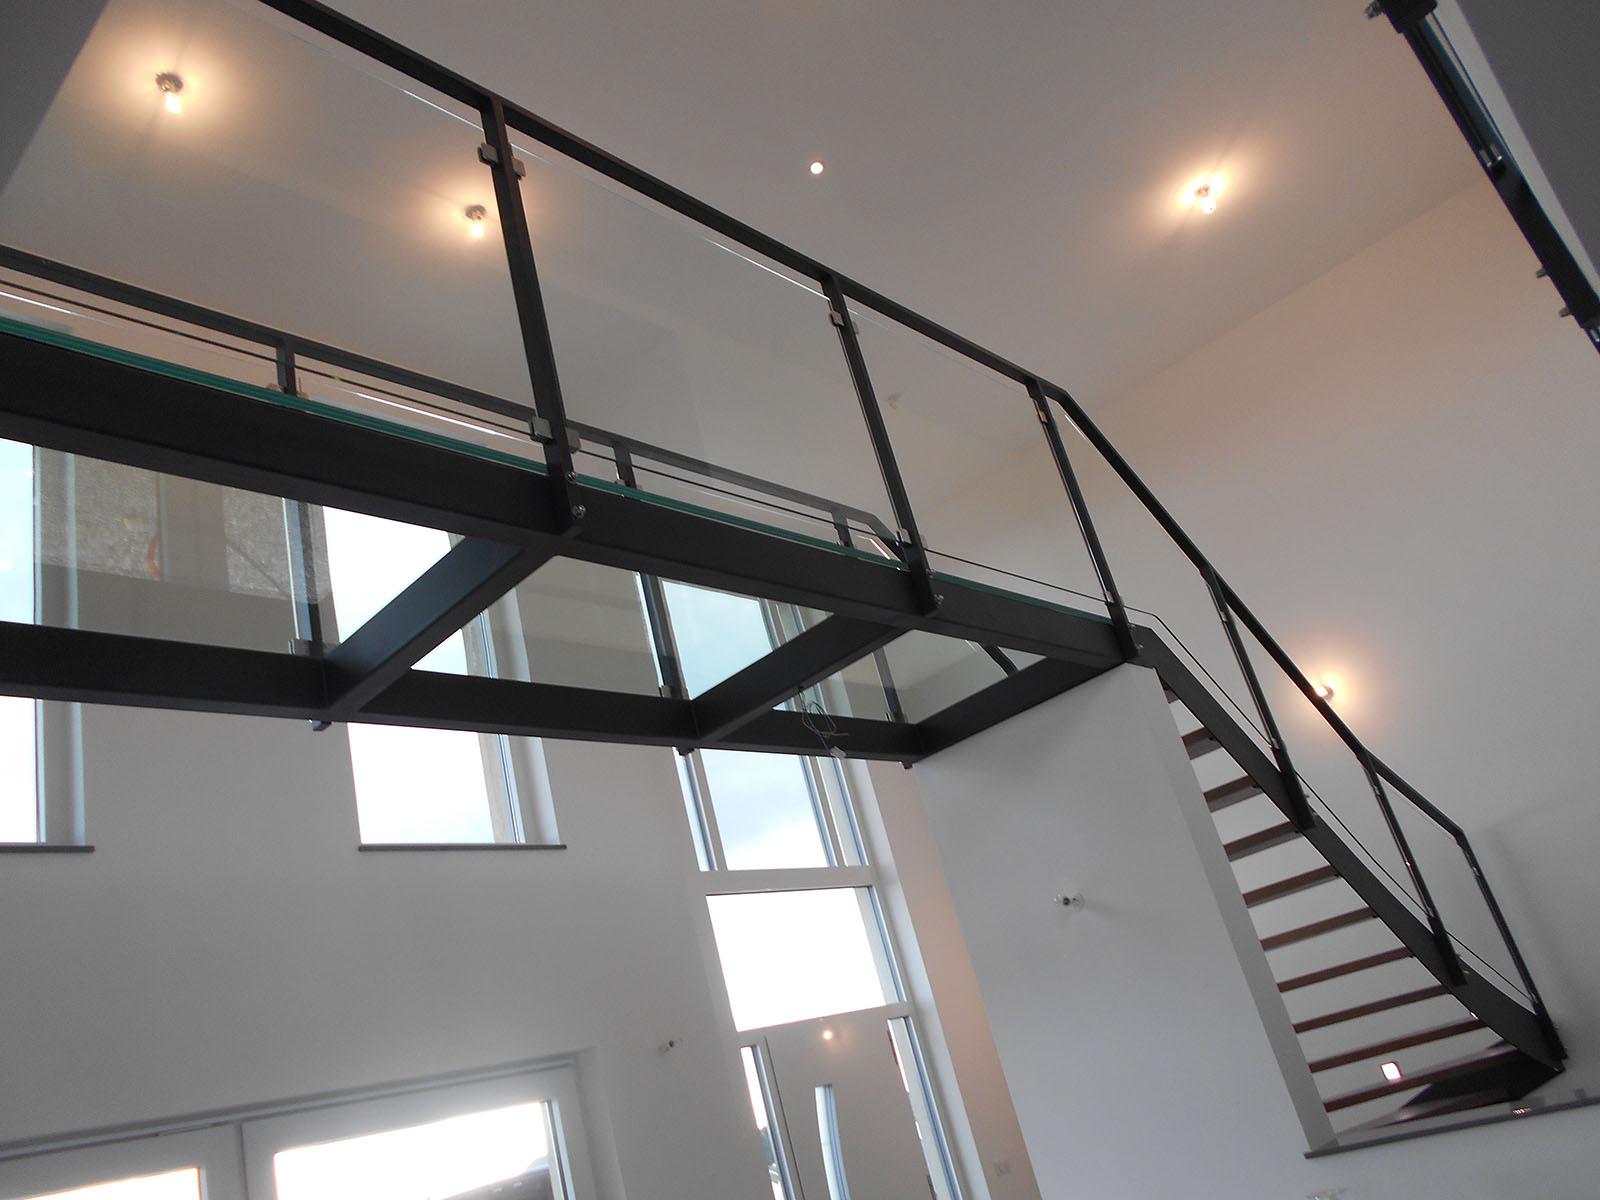 R alisation de planchers en verre de qualit en moselle for Ossature acier